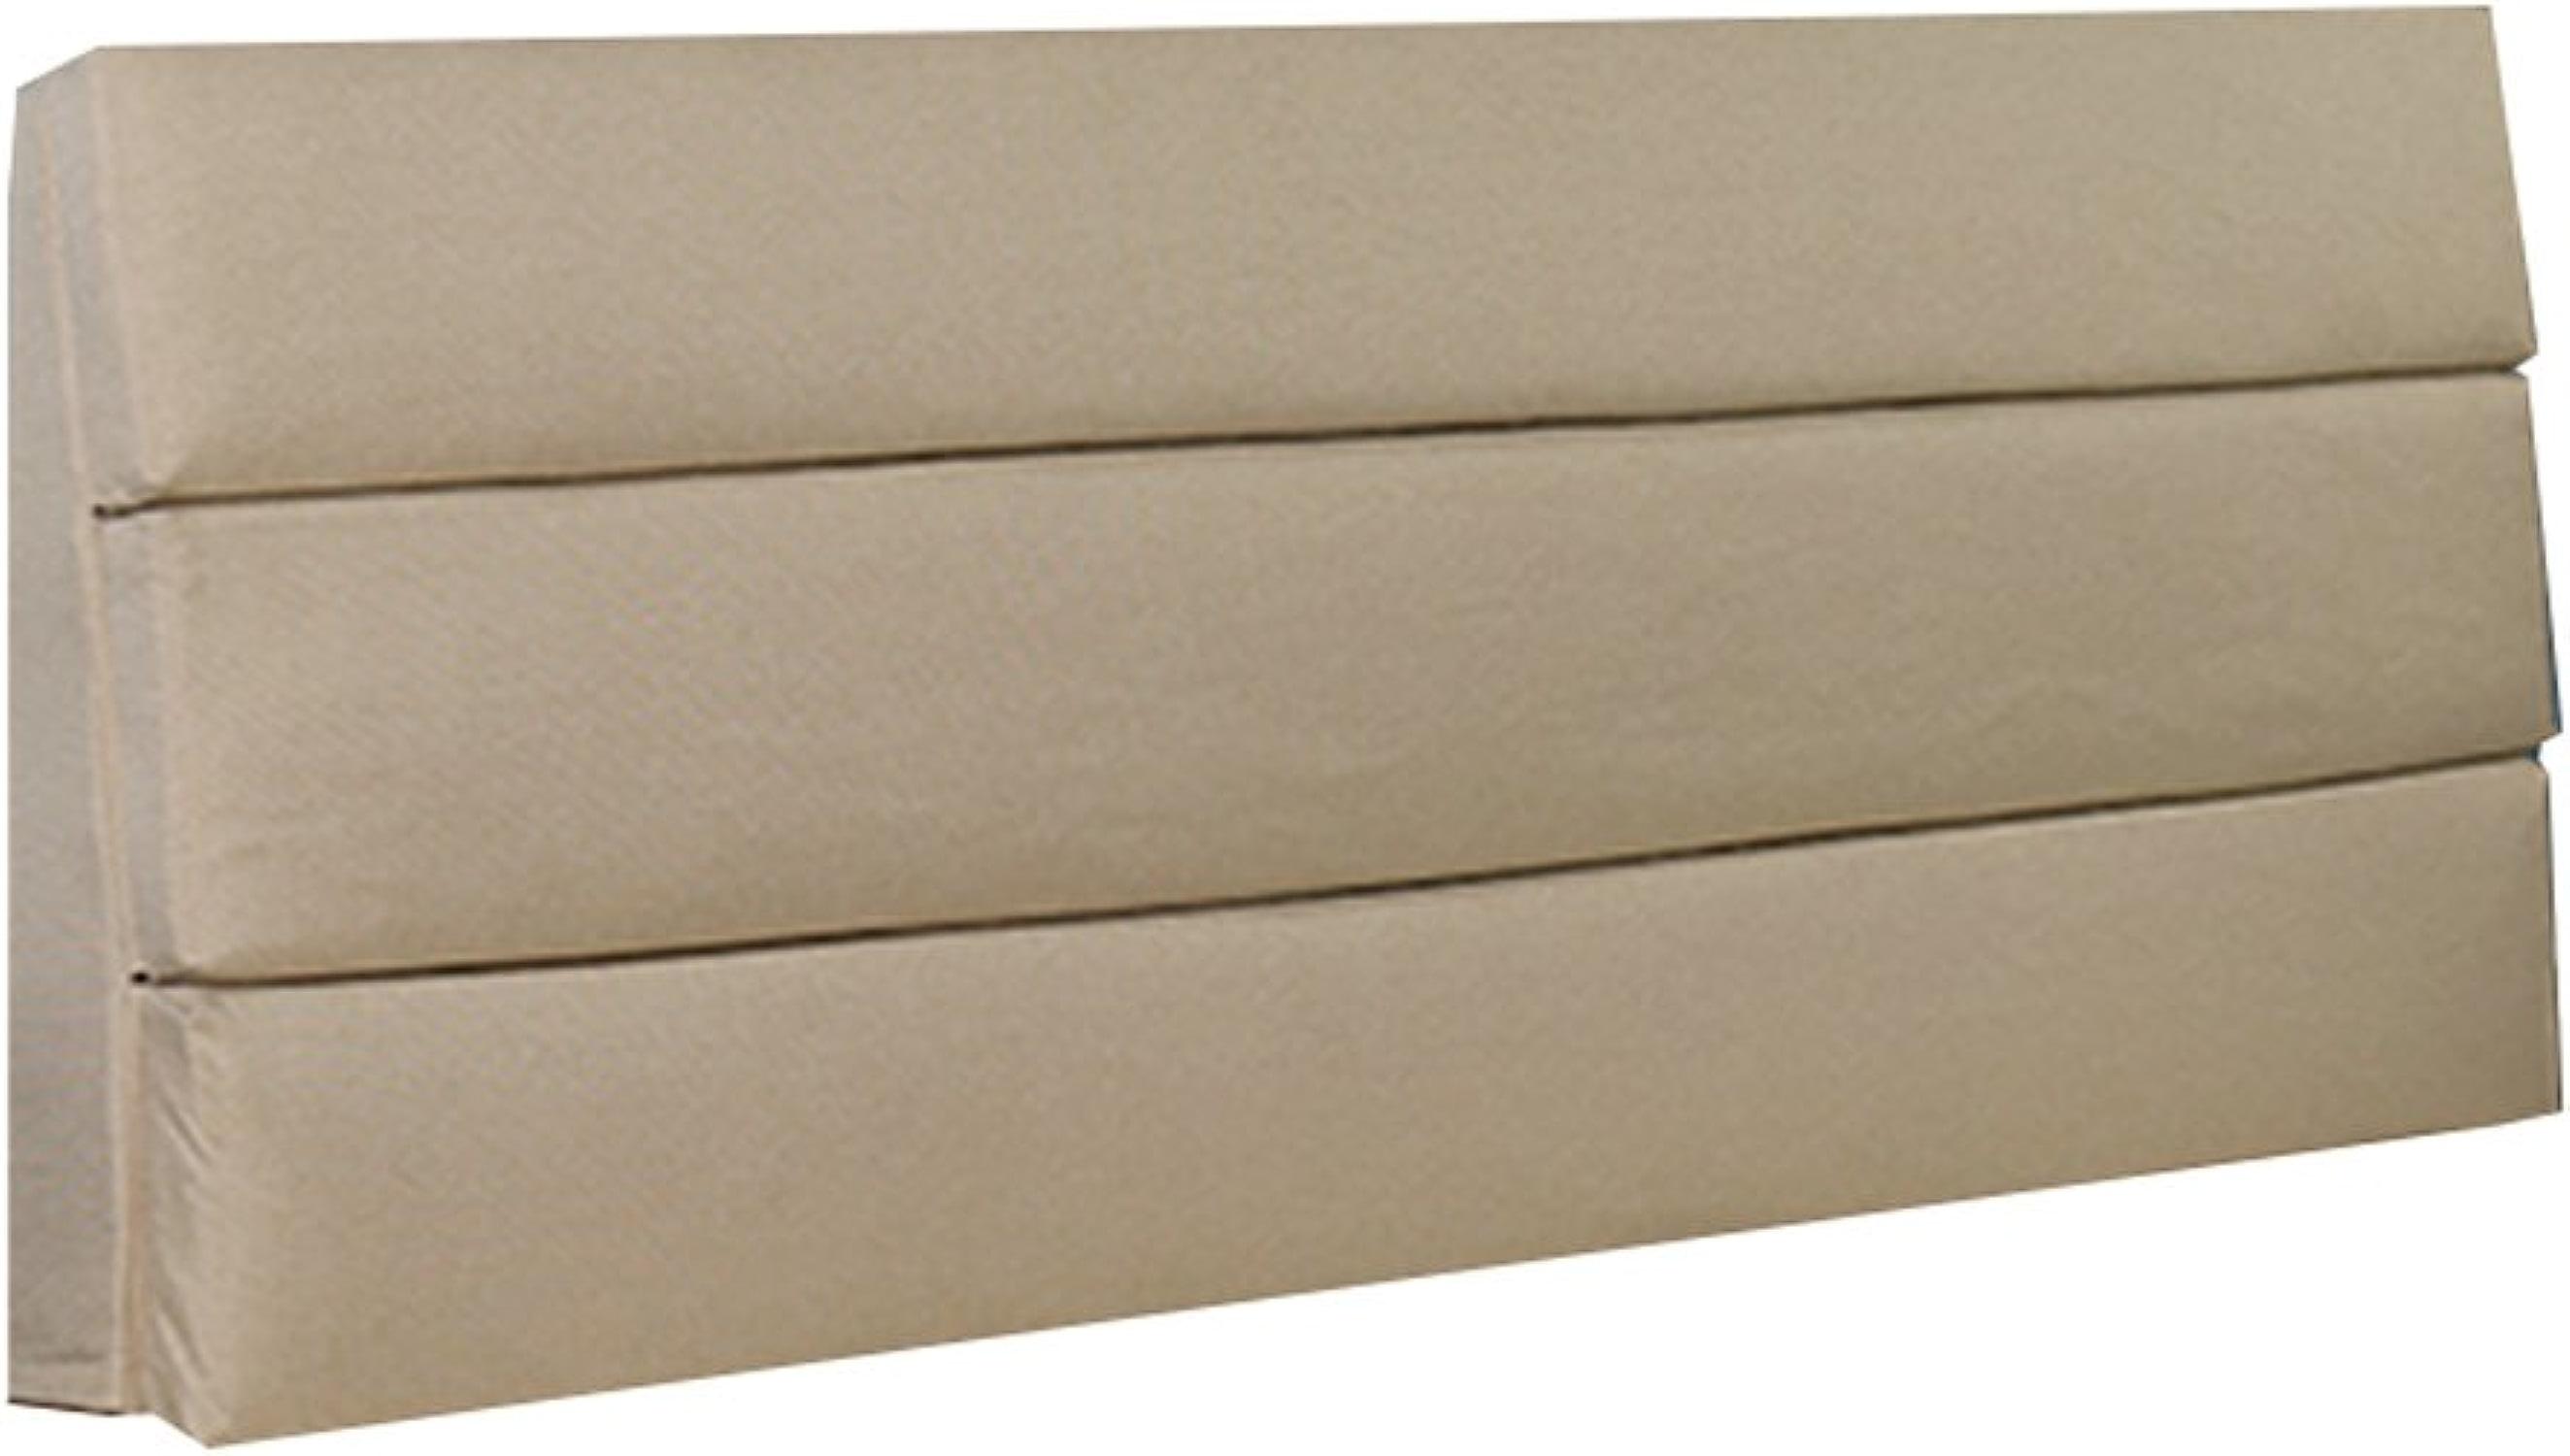 NYDZDM Tête de lit double oreiller coussin pour dossier Soft Case grand Prougeéger le cou et le dos oreiller de lecture Beige (taille   180×55×6cm)